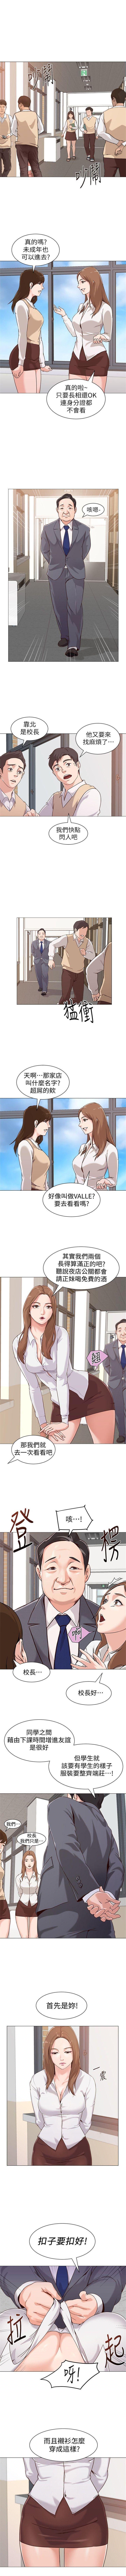 (周3)老师 1-56 中文翻译(更新中) 14